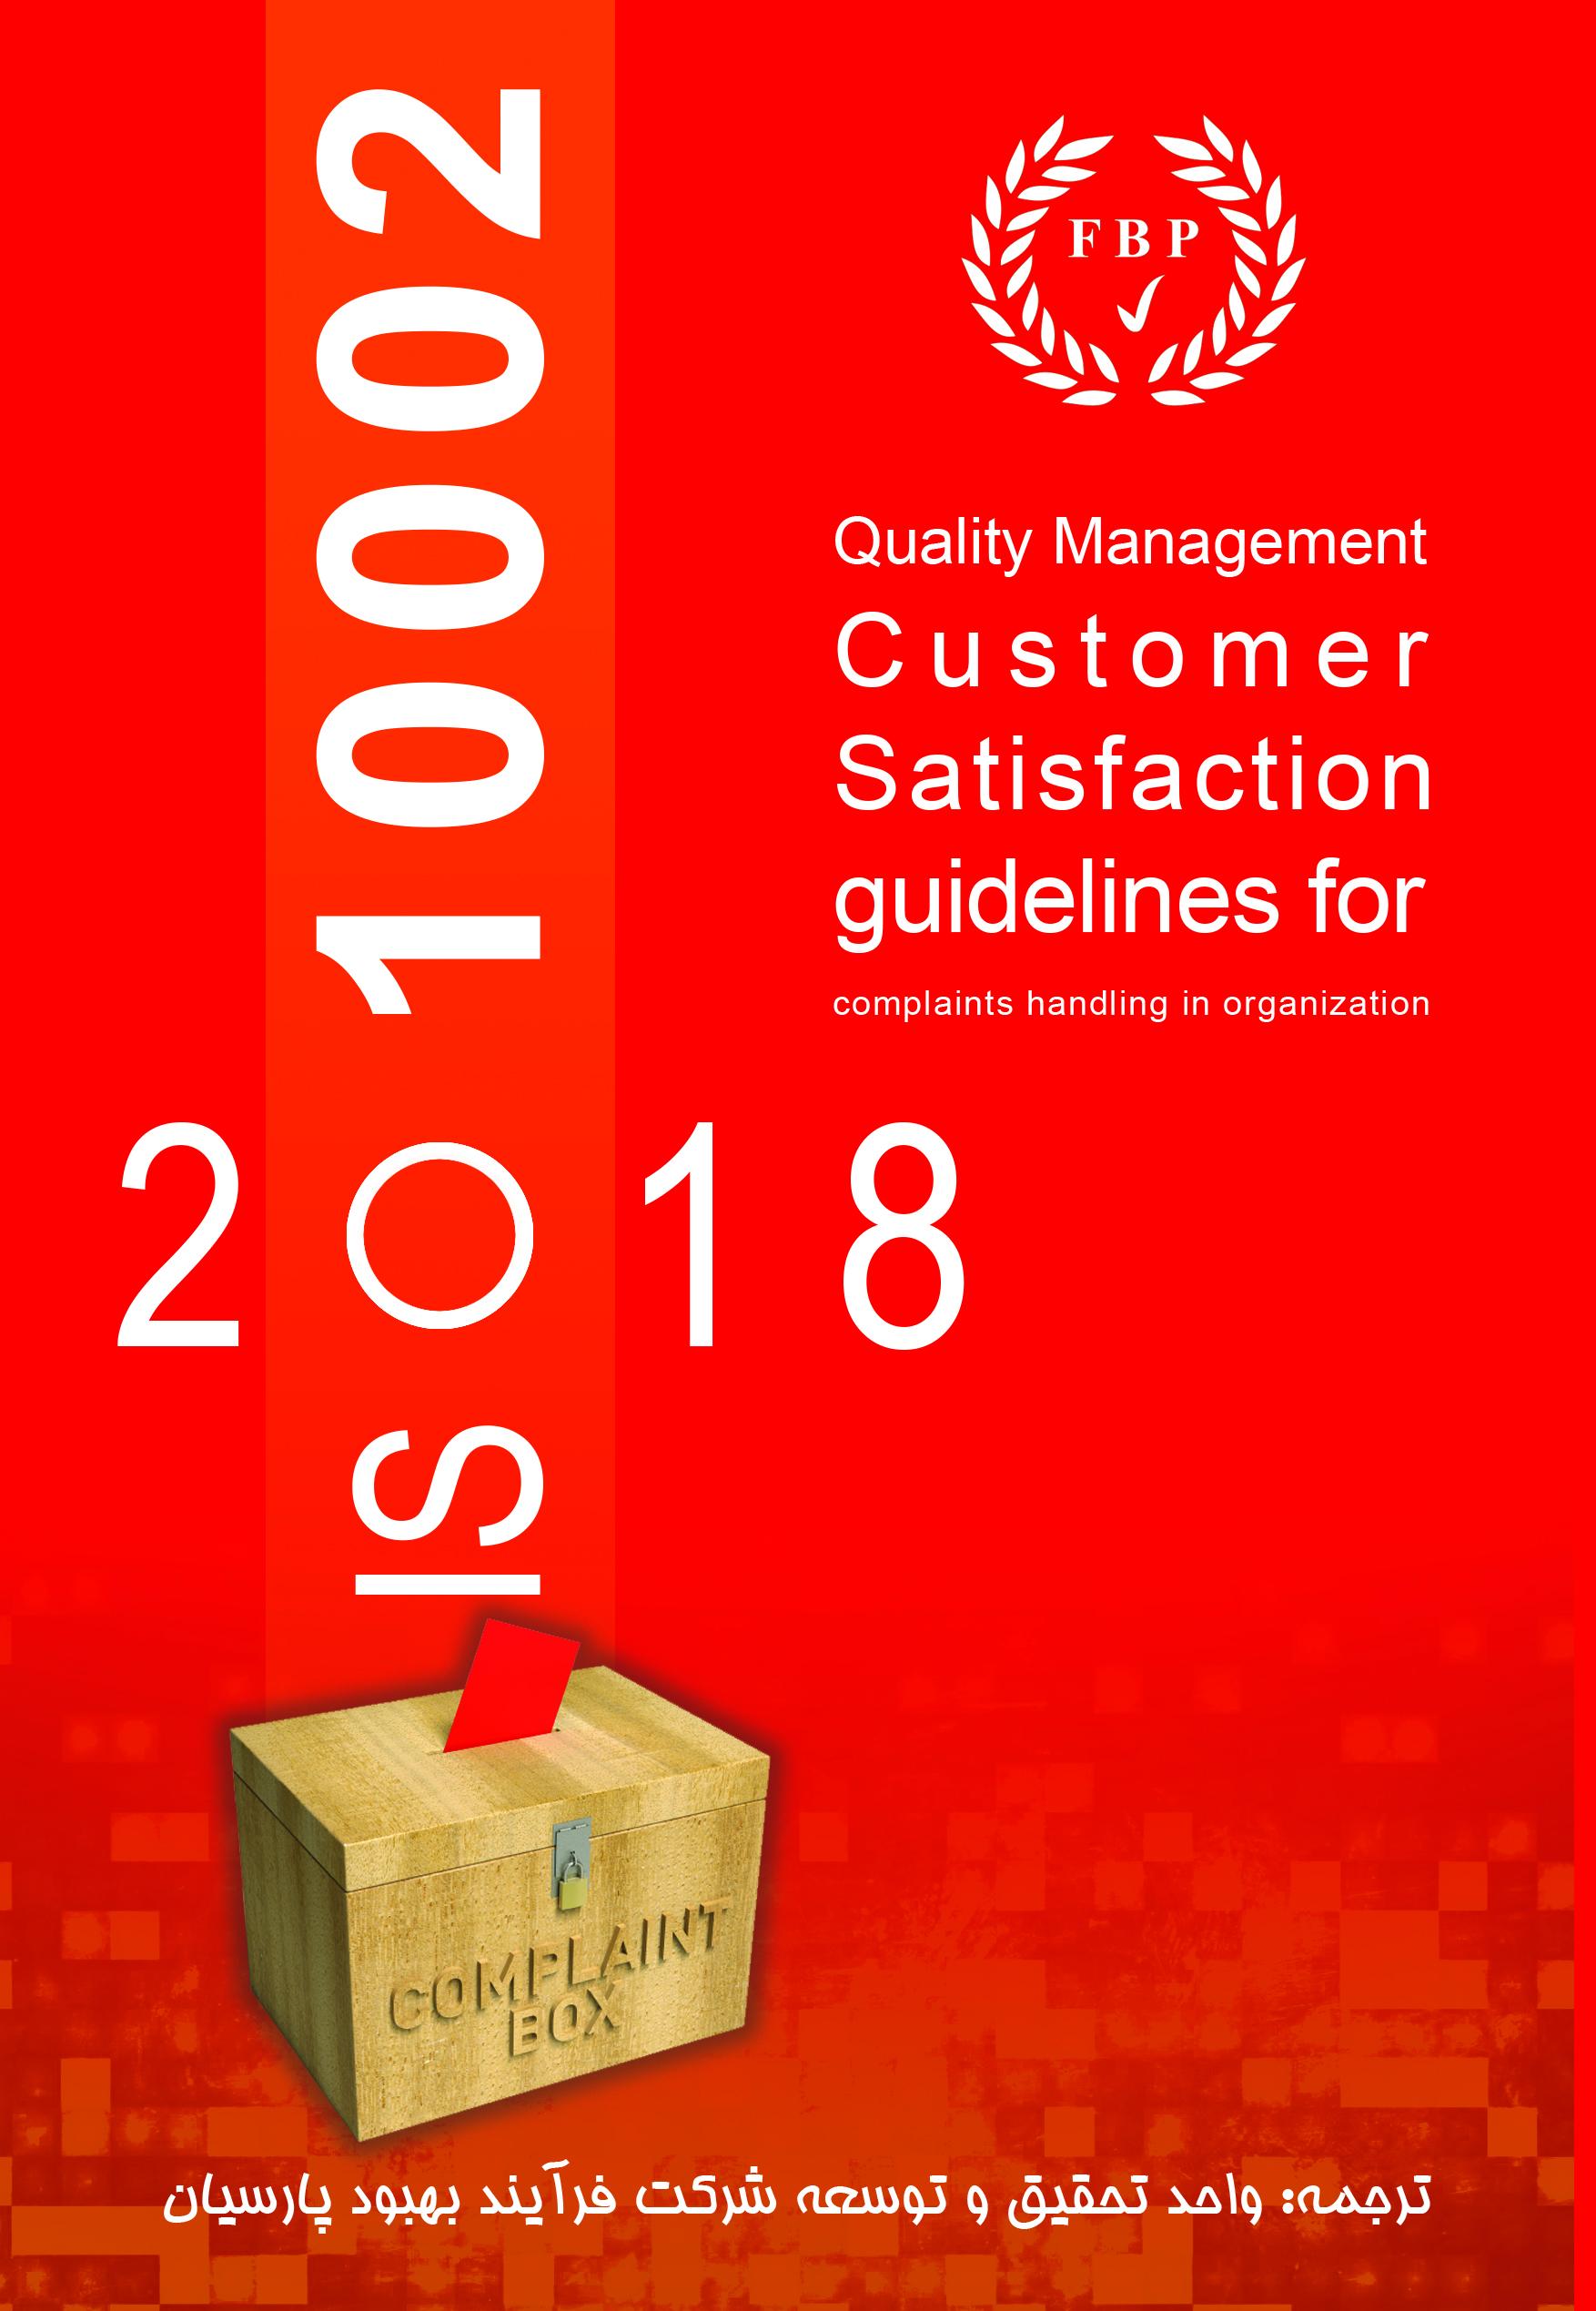 استاندارد ISO10002:2018